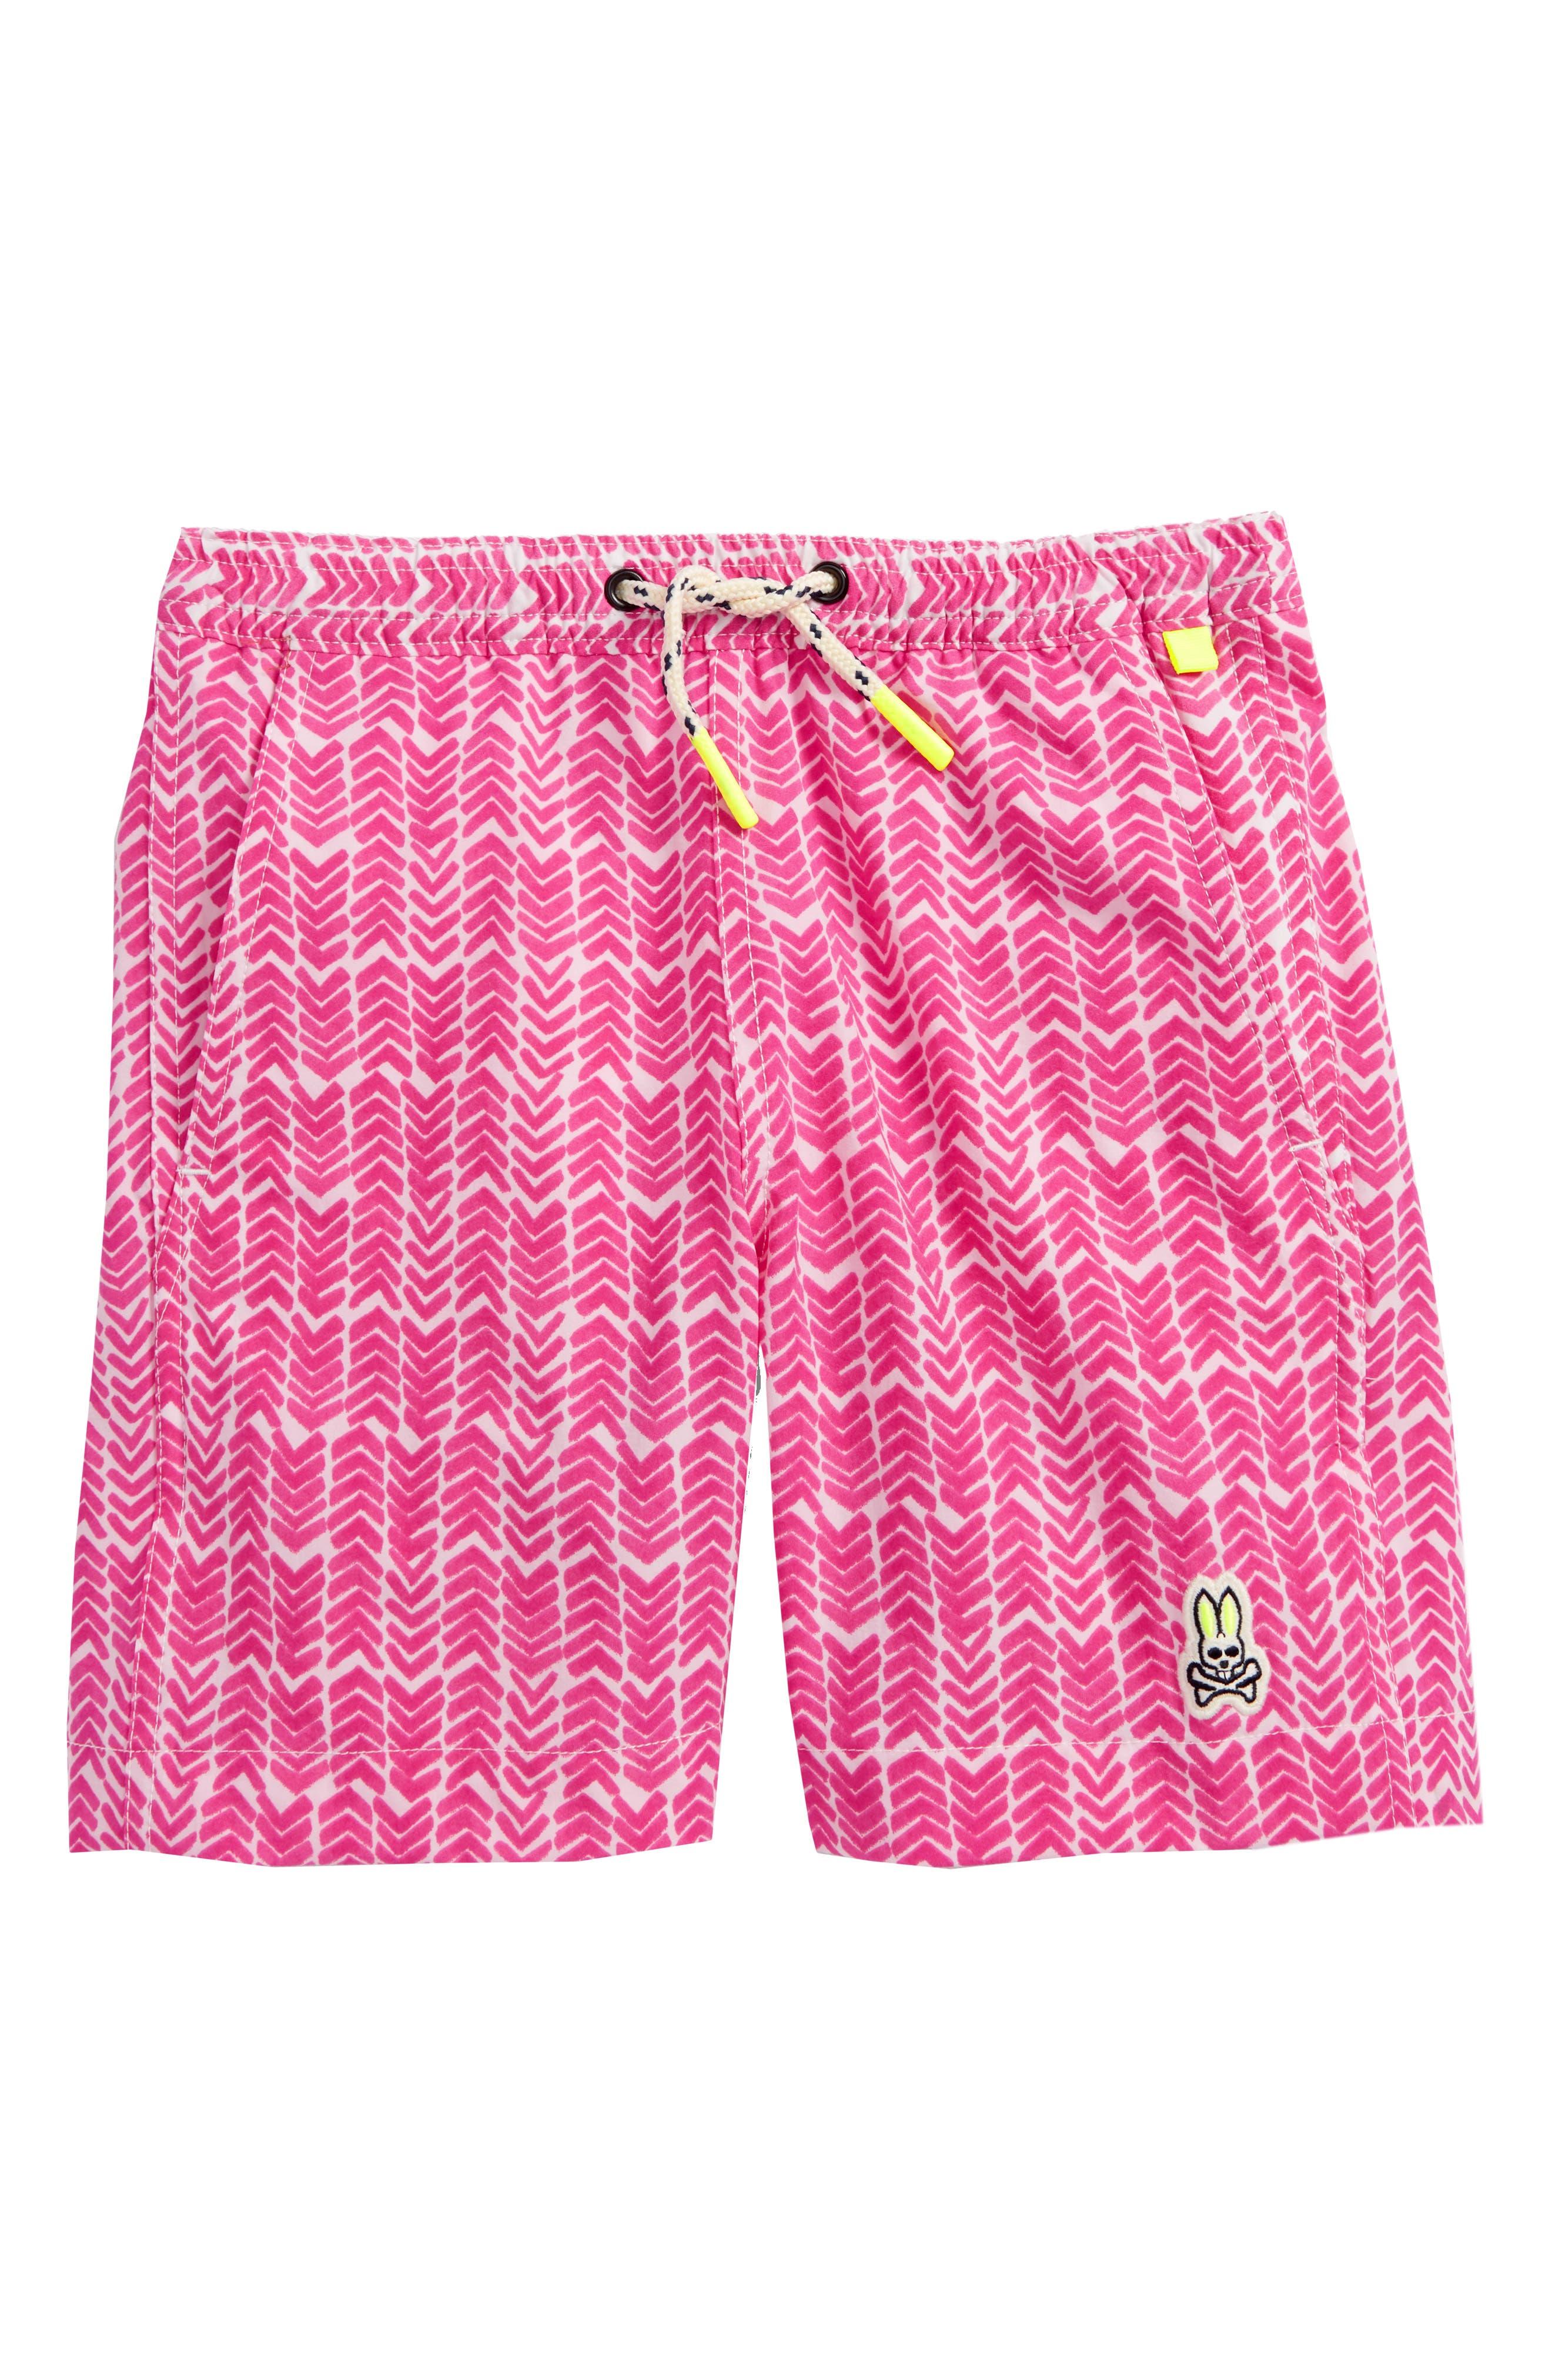 Watermark Herringbone Swim Trunks,                             Main thumbnail 1, color,                             659